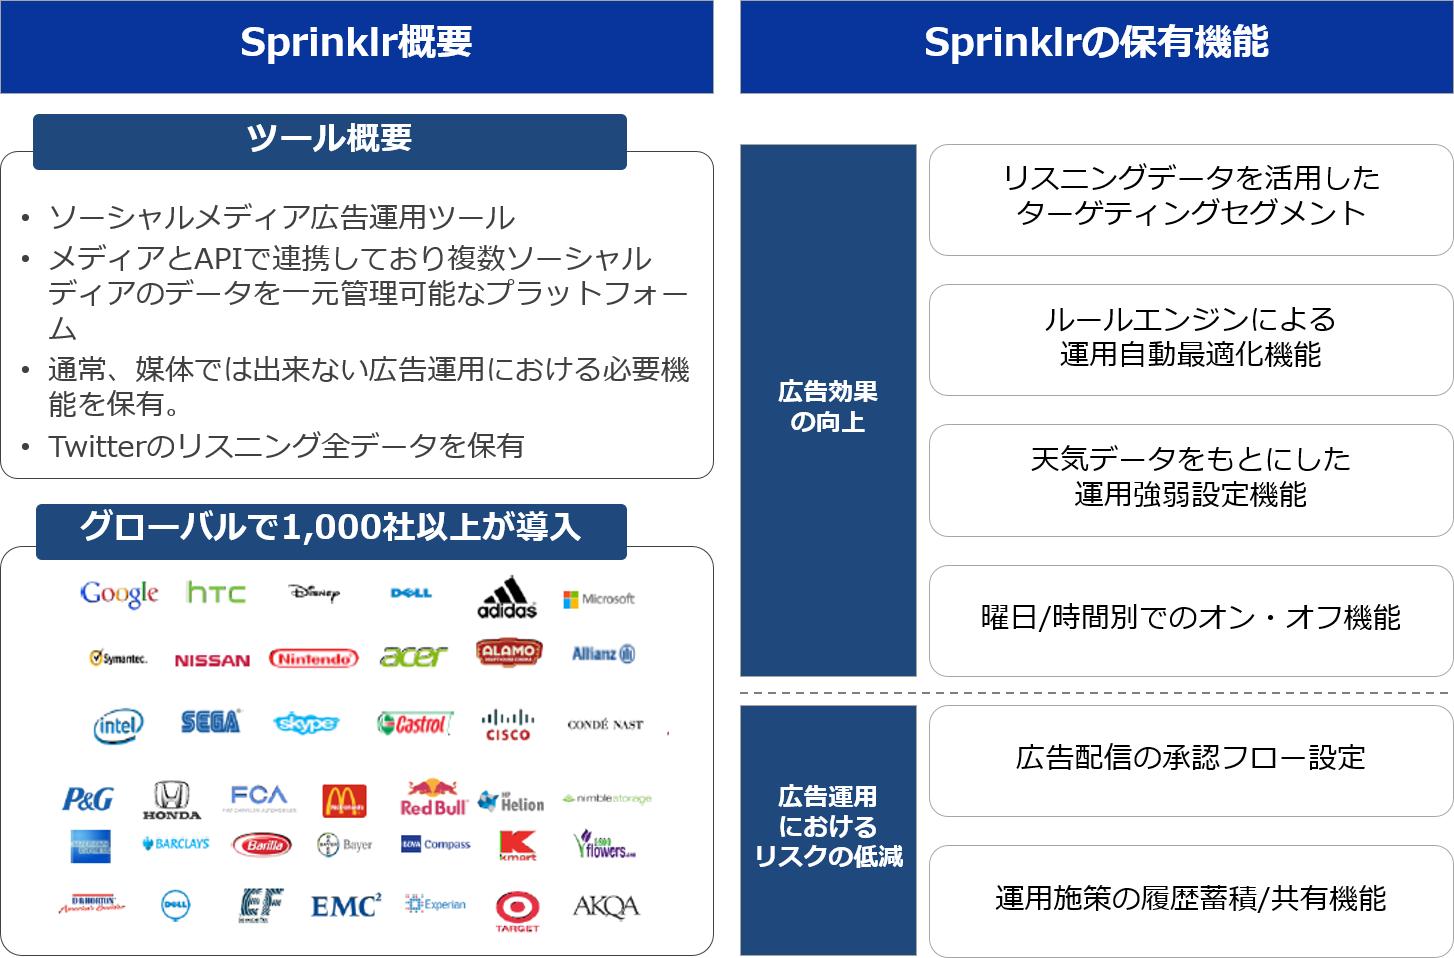 図2:Sprinklr概要、保有機能